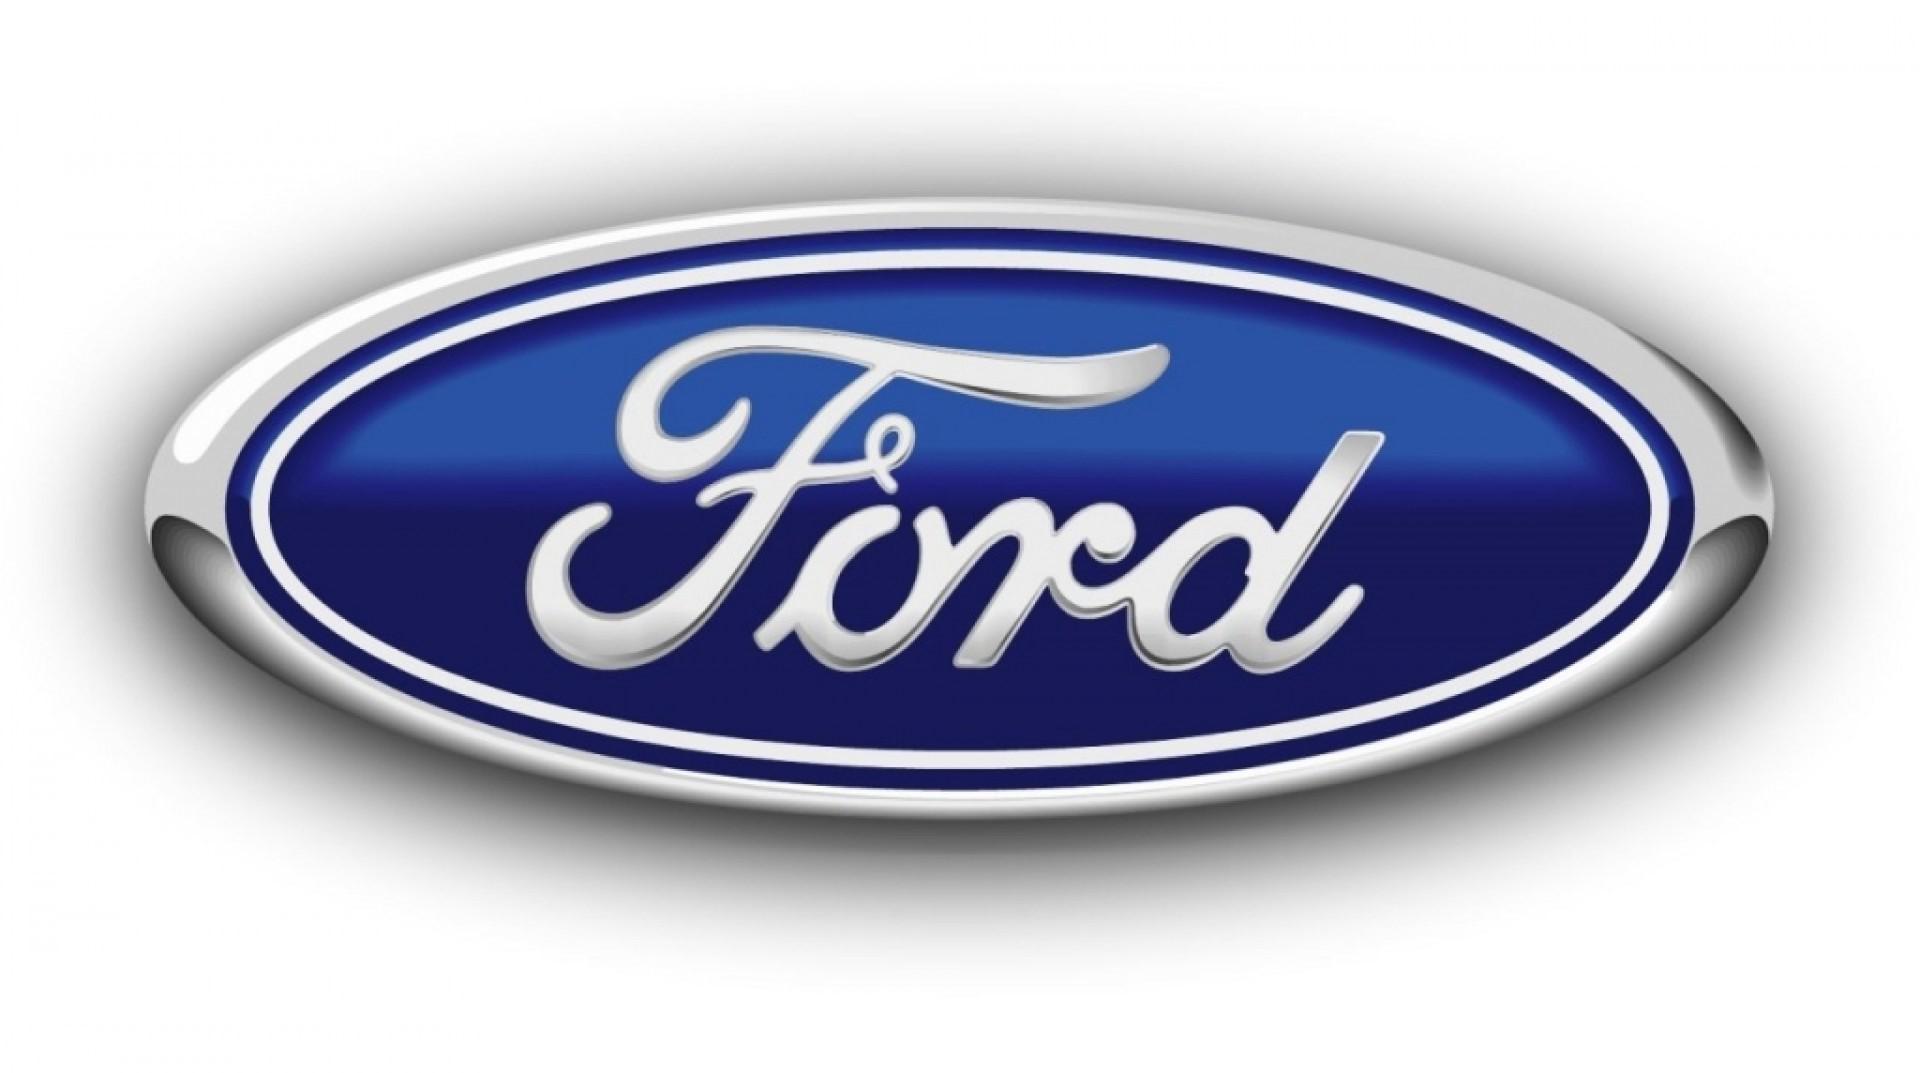 Exclu: À savoir concernant la marque Ford …